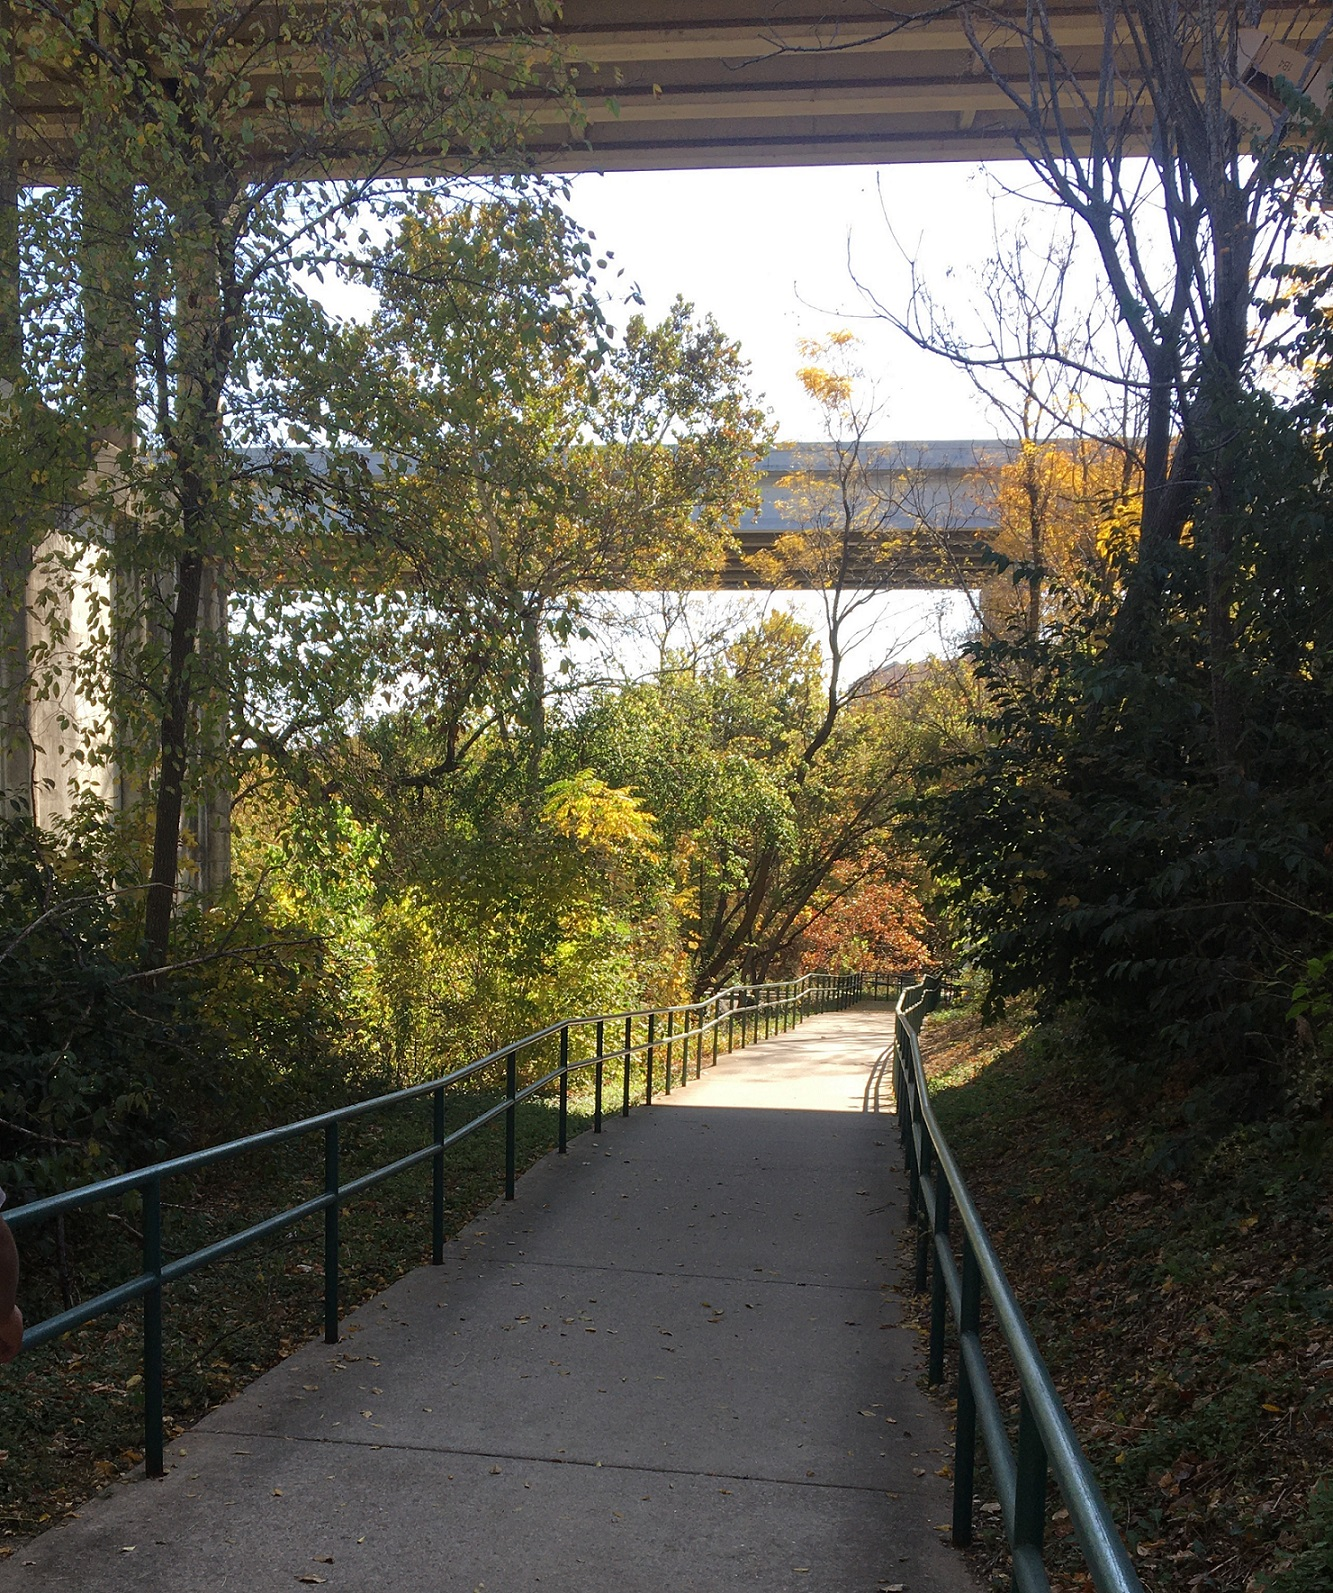 Reminder – Randy Morrow Trail Walk on Nov 14th